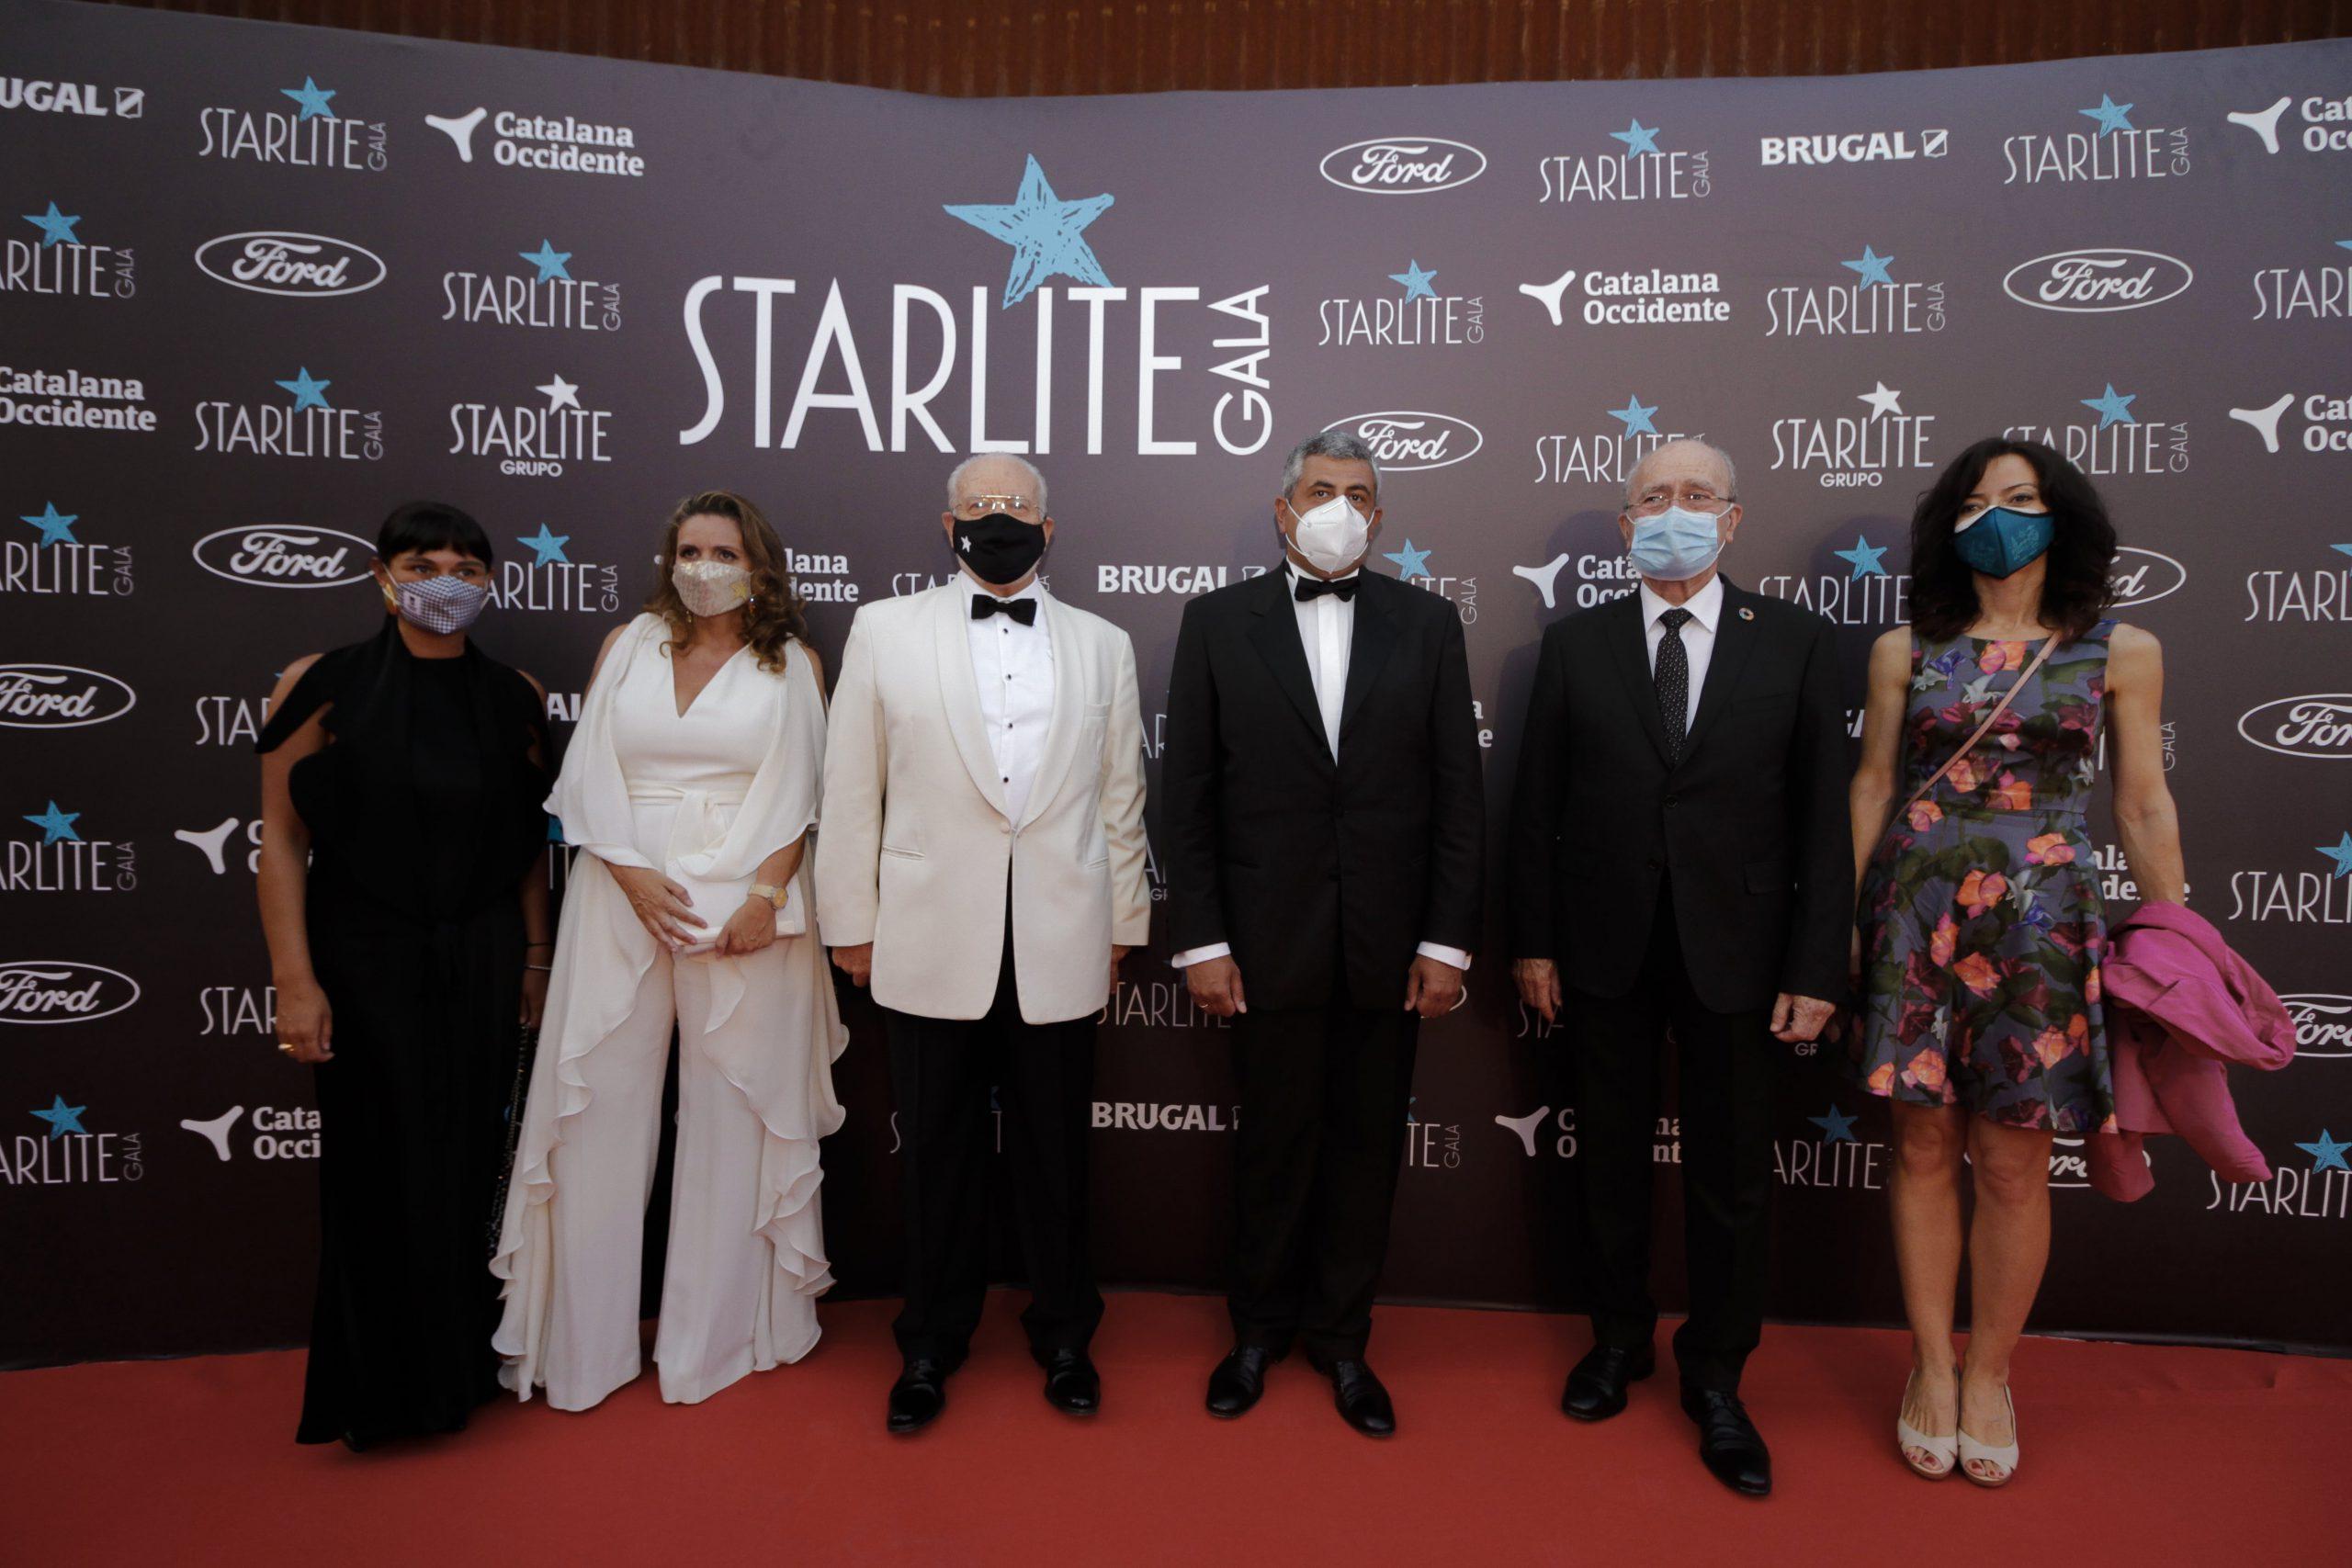 La solidaridad de la Gala Starlite se muestra más fuerte que nunca